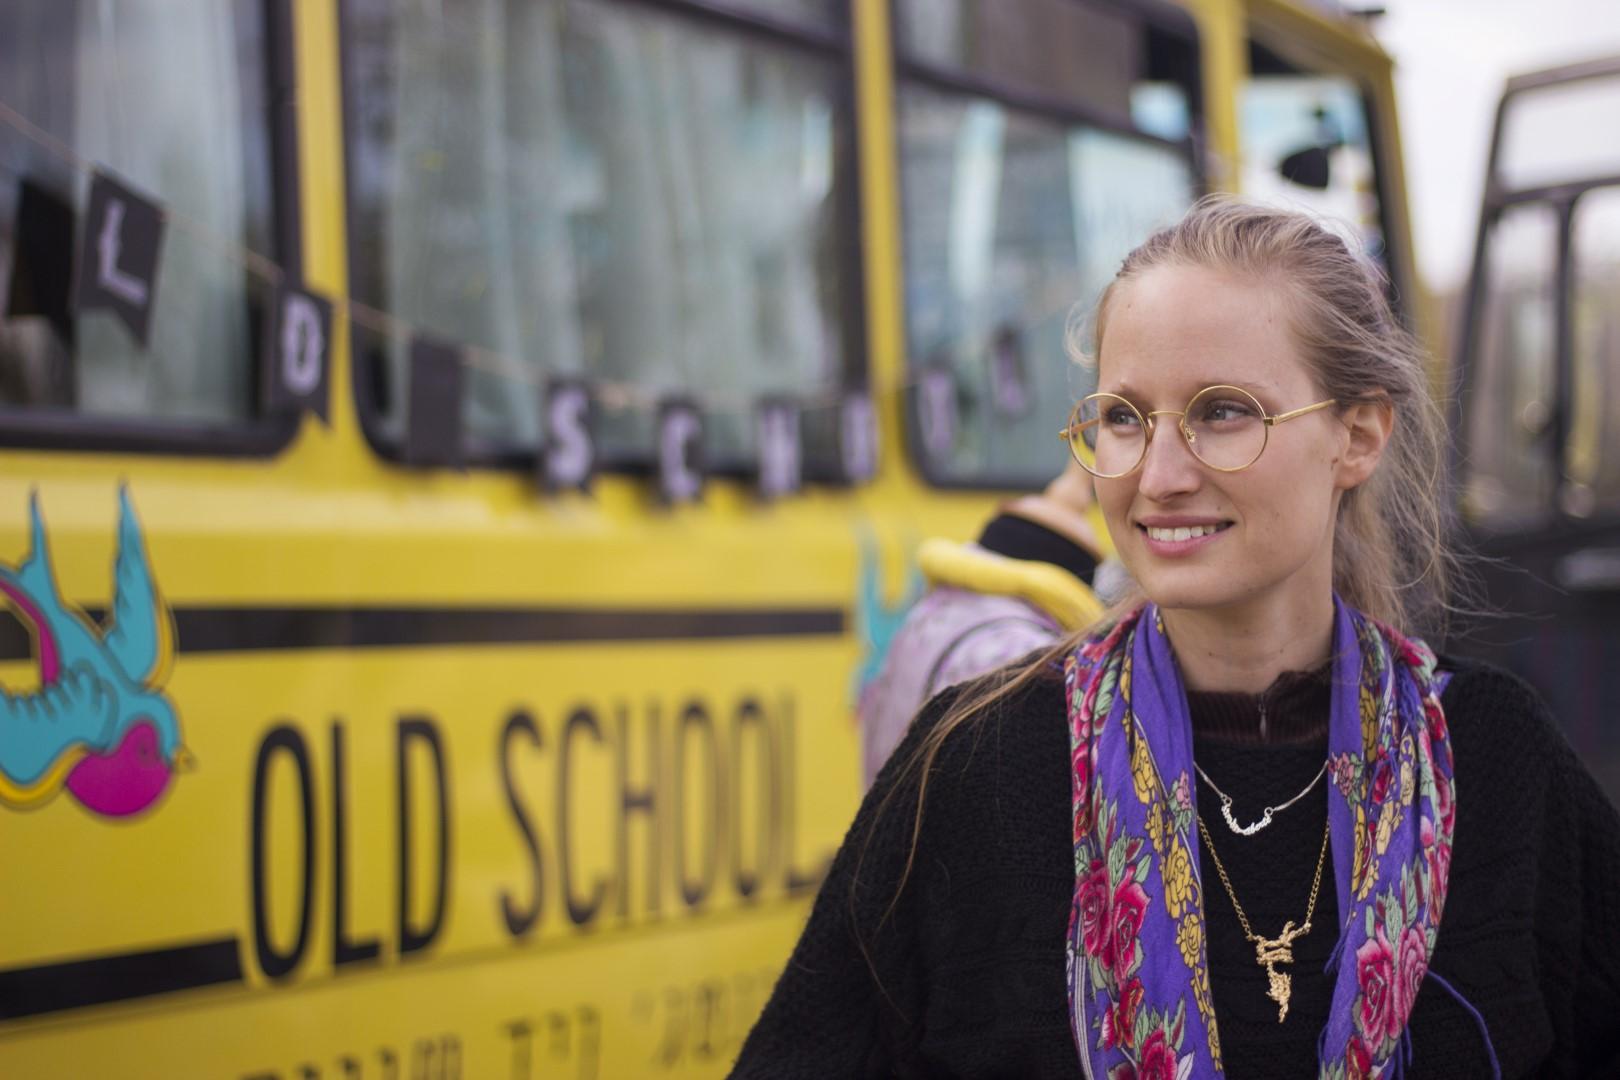 נוגה סדן עומדת ליד האוטובוס הצהוב שלה, שכתוב עליו old school